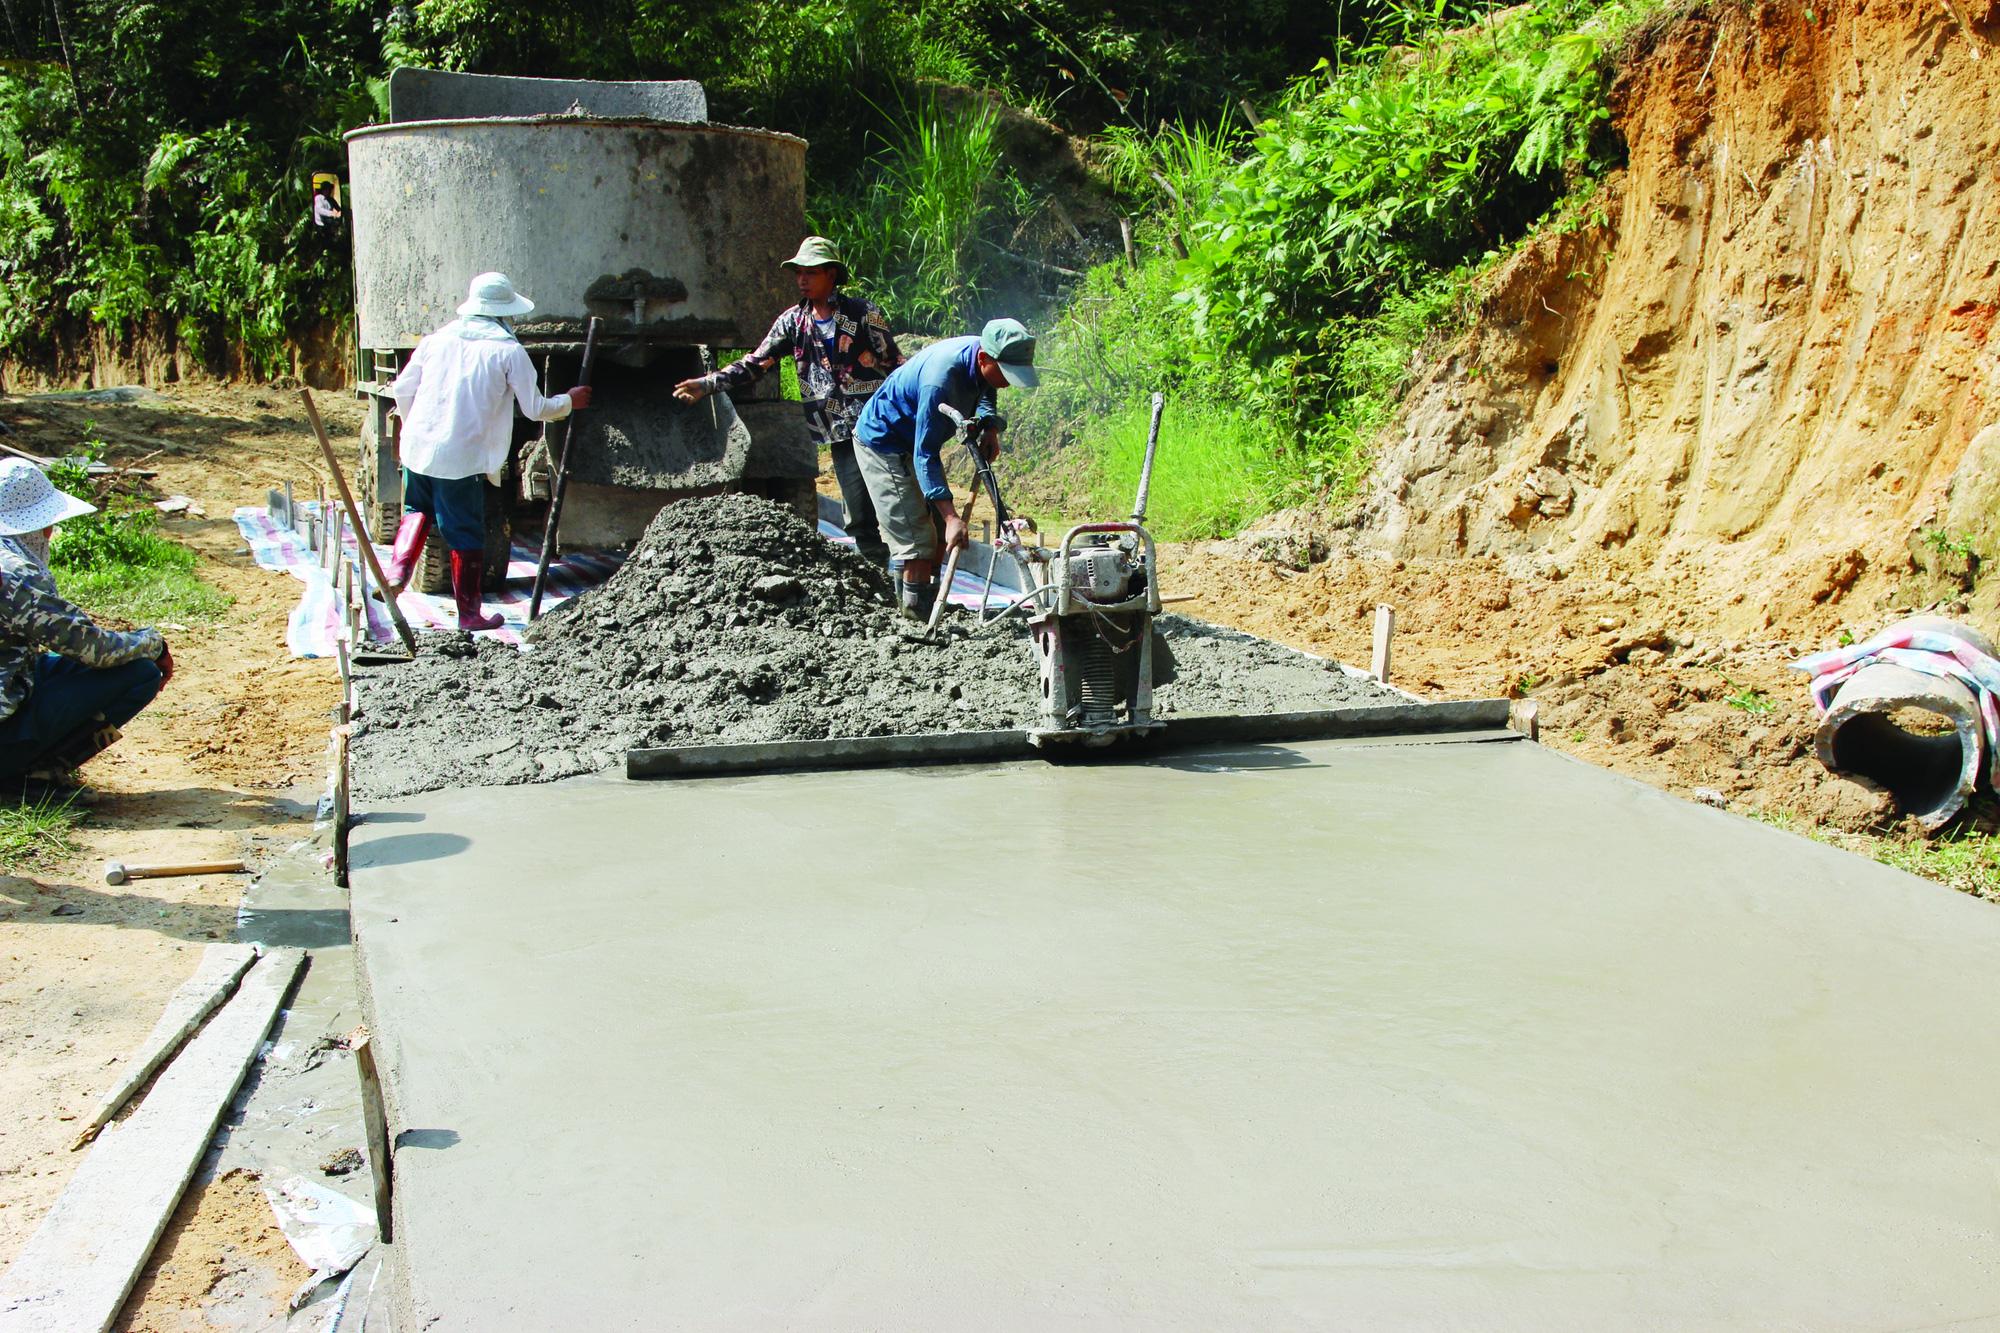 Xín Mần vượt khó hoàn thành tiêu chí giao thông trong xây dựng nông thôn mới - Ảnh 1.